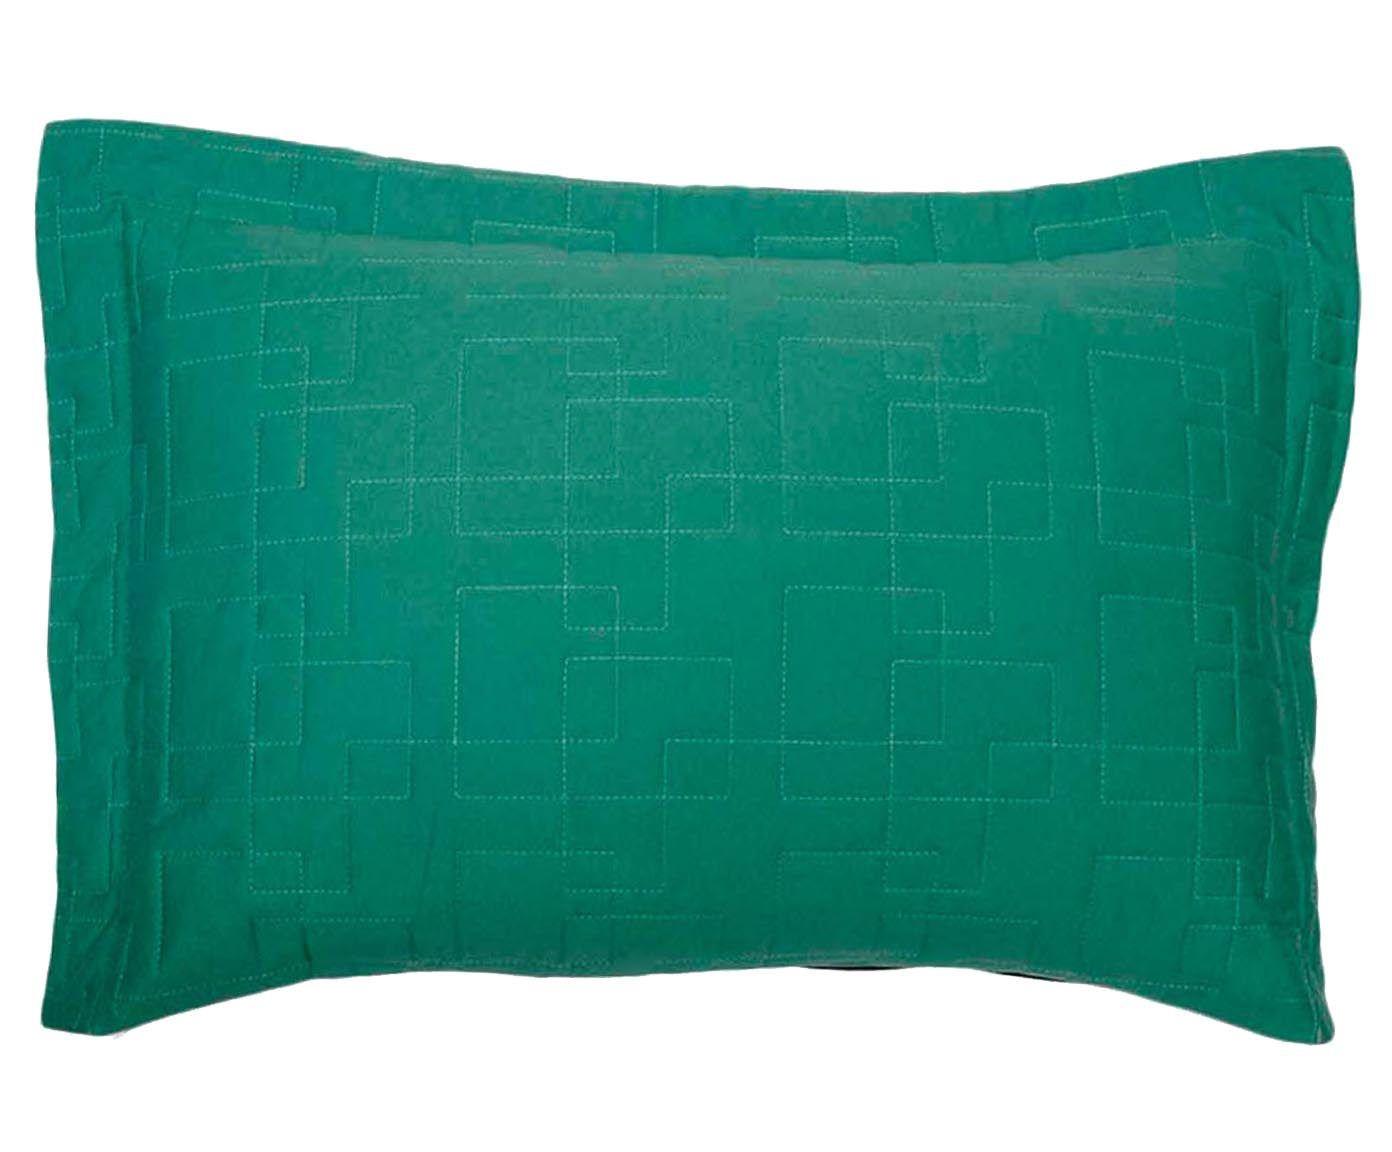 Porta-travesseiro colorado alecrim - 53x75cm | Westwing.com.br